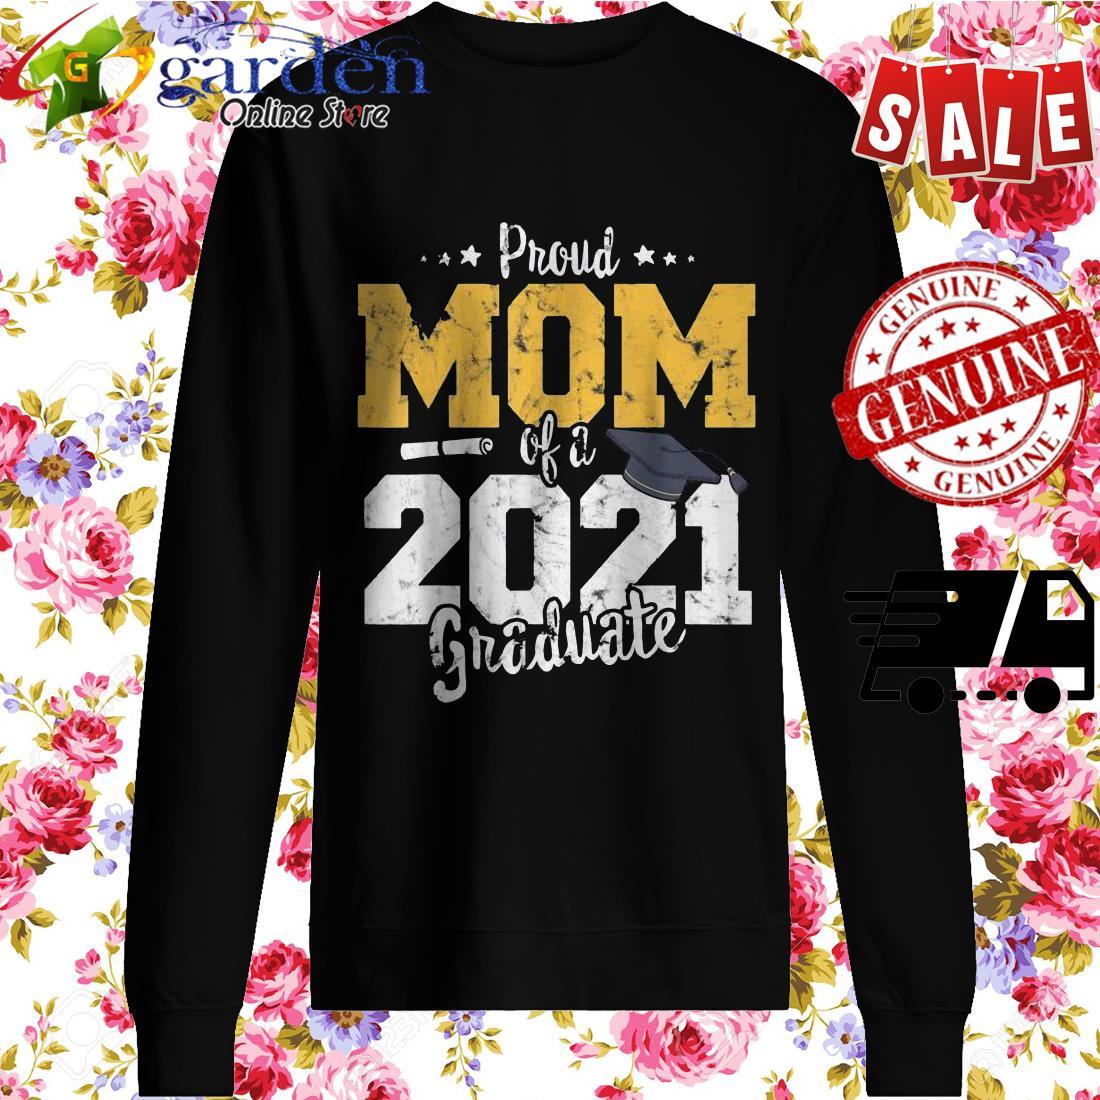 2021 Graduation mother Proud mom of 2021 graduate sweater